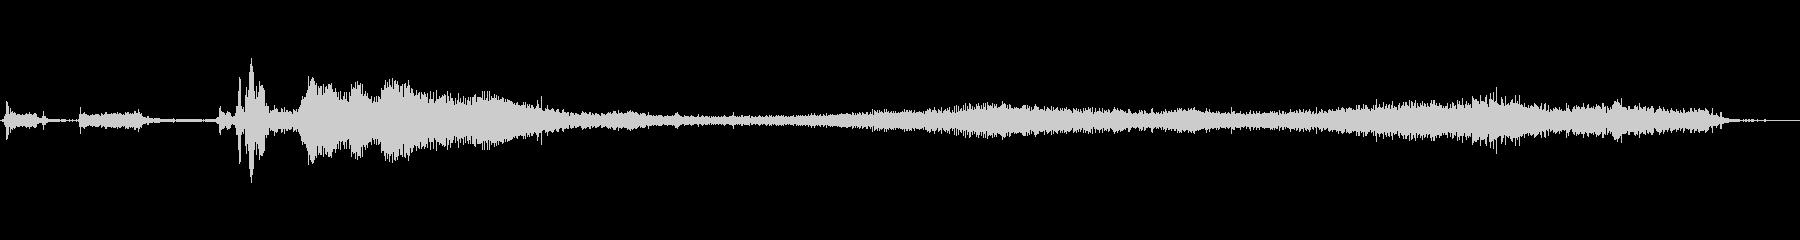 1932リンカーン:スタート、ドラ...の未再生の波形